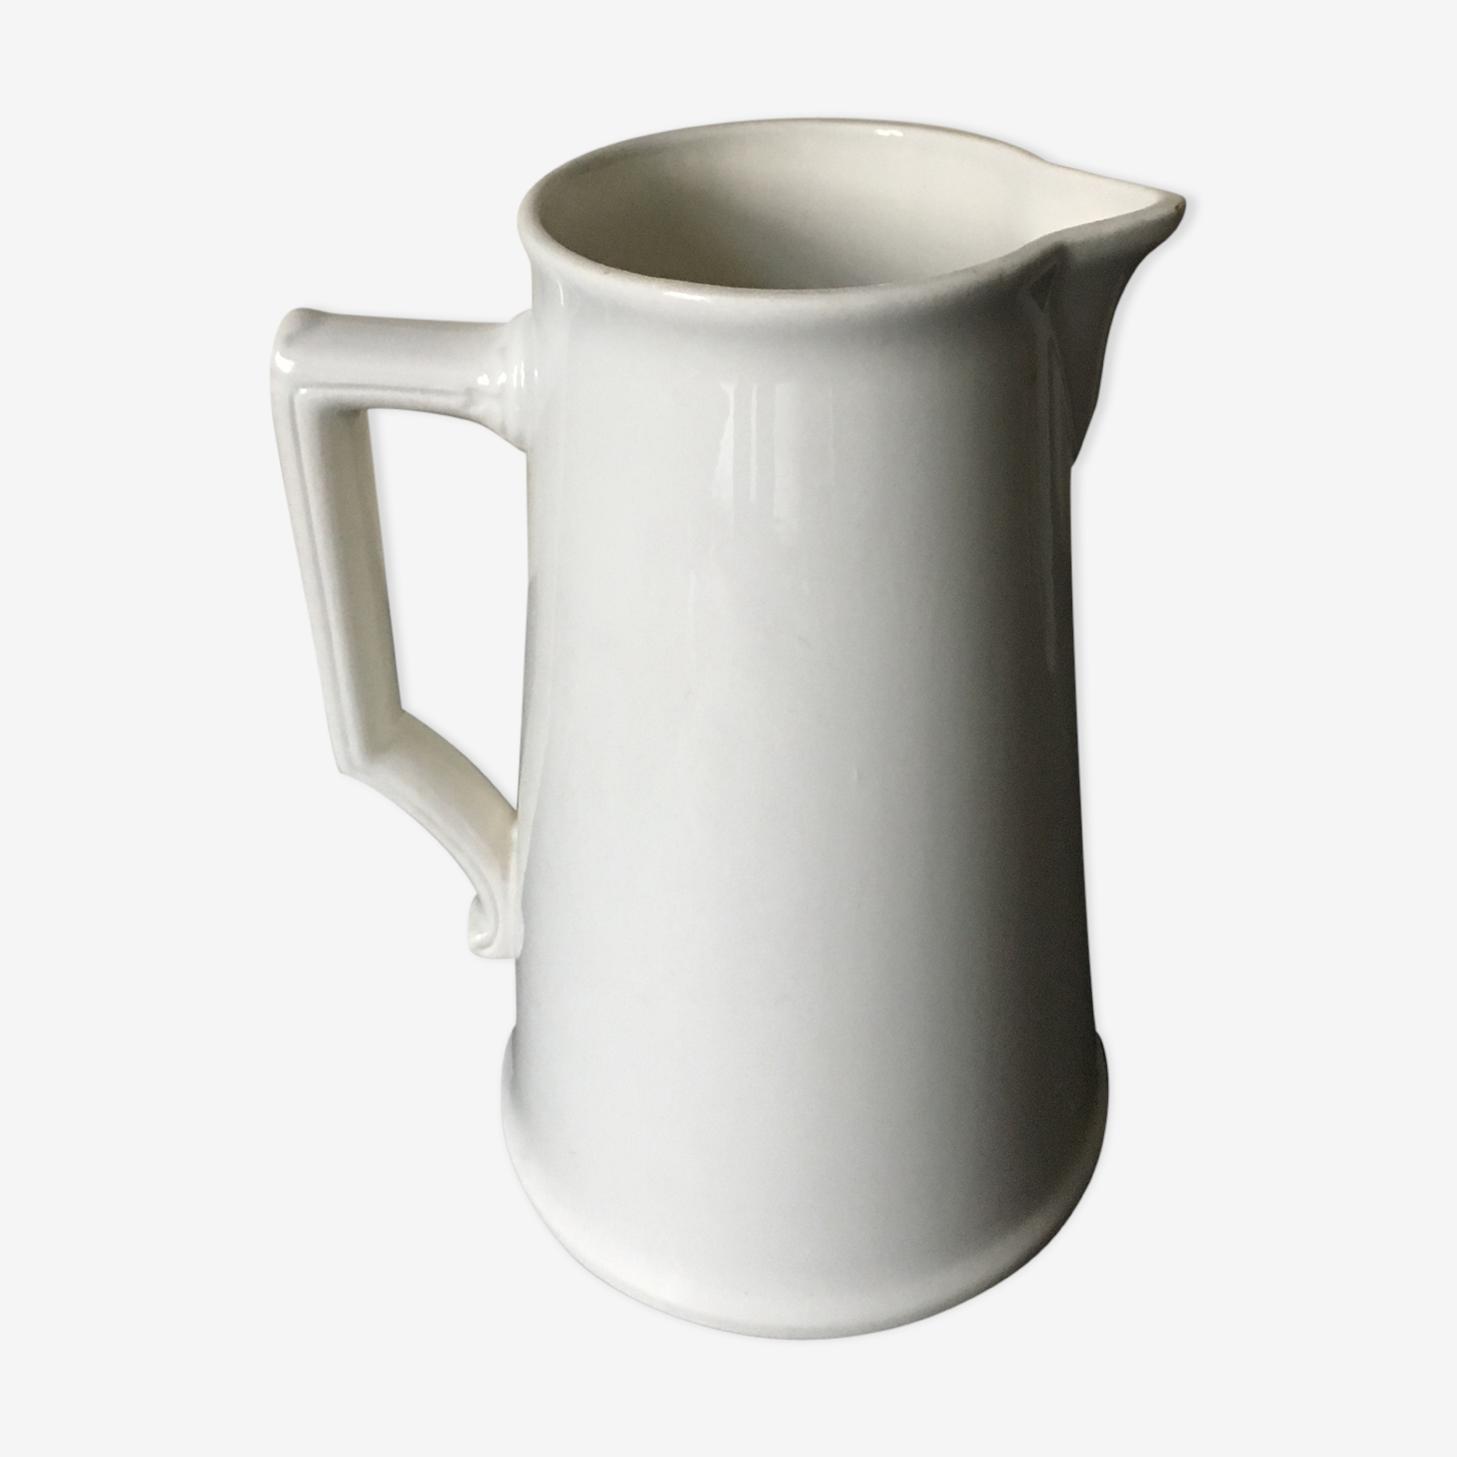 Grand broc à eau en faïence blanche XIXème